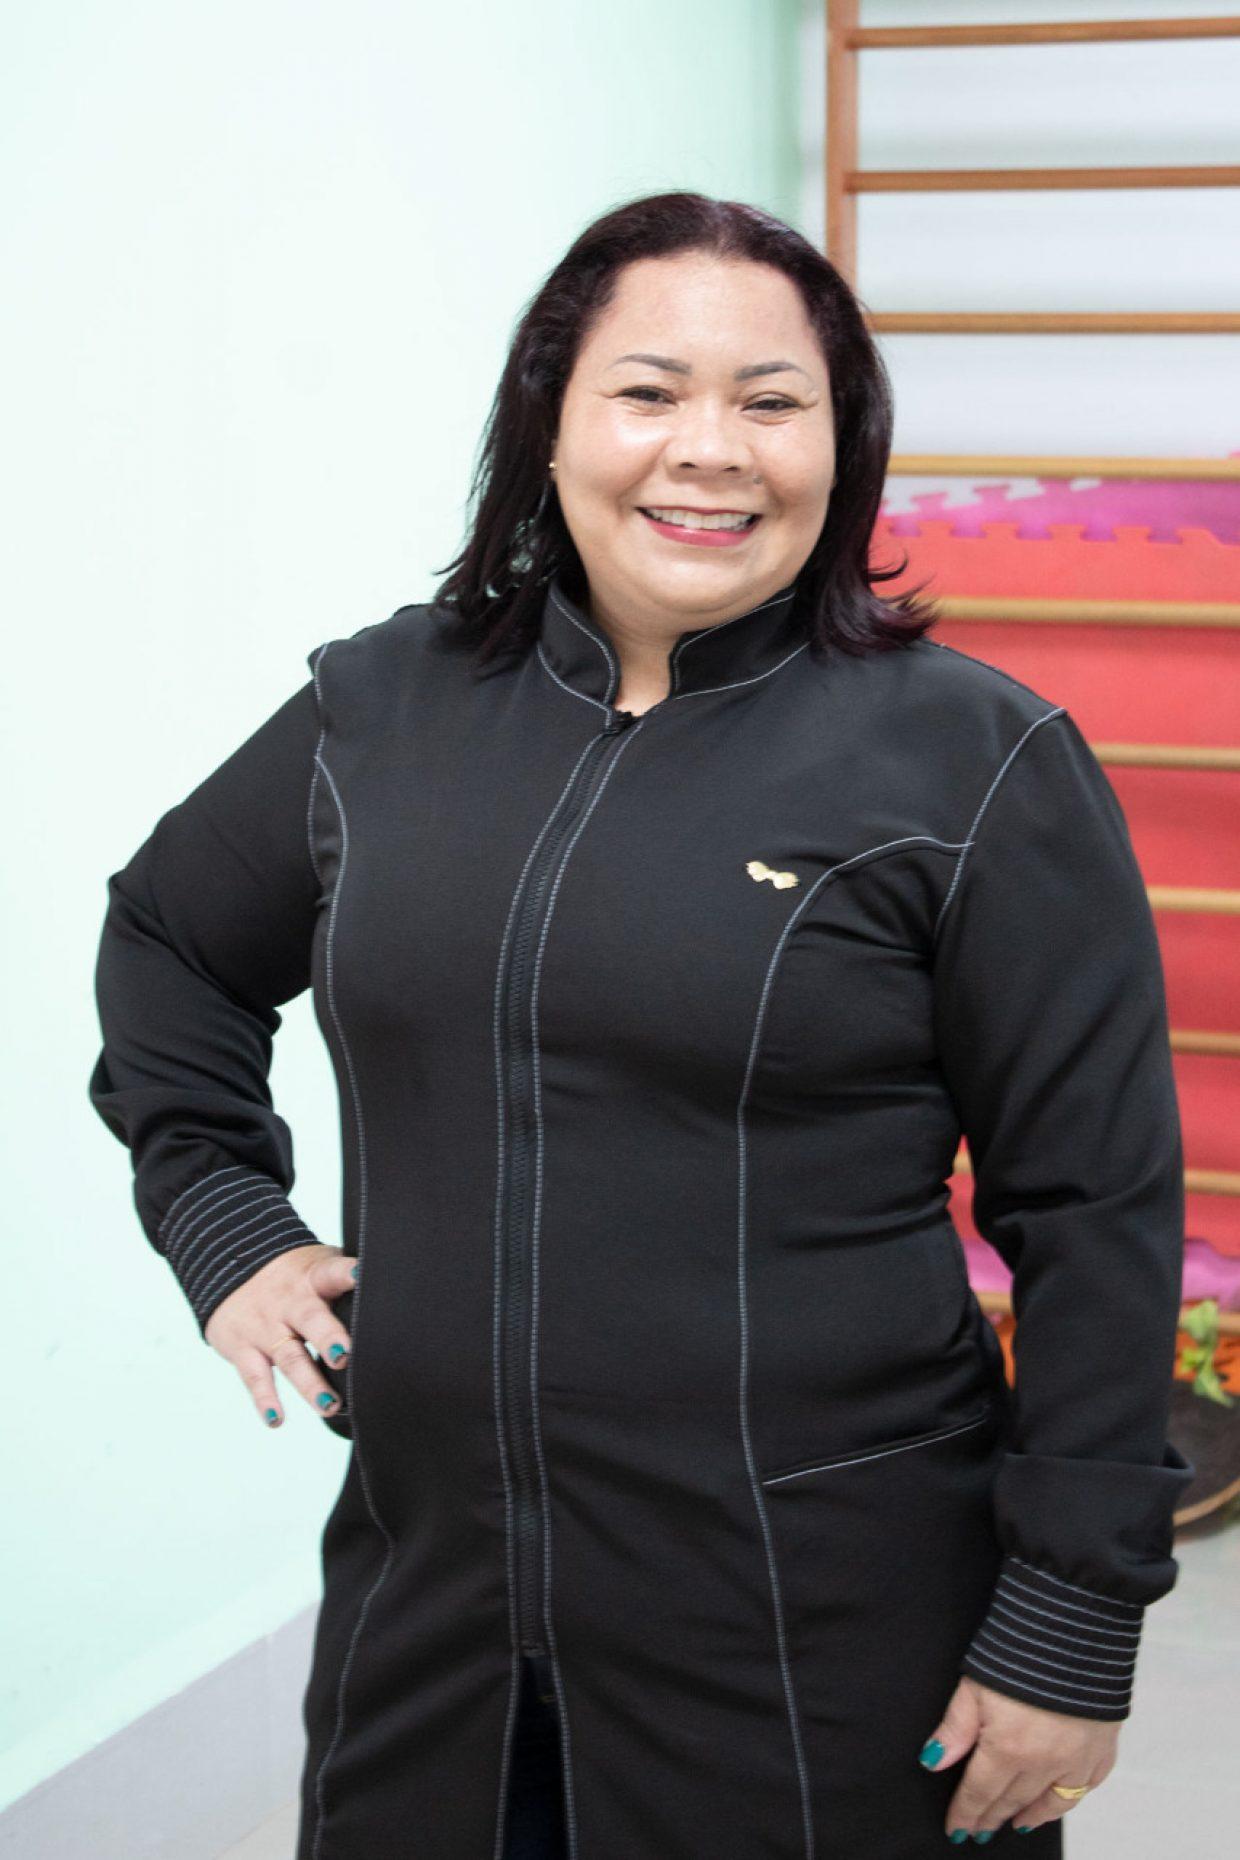 Caroline Cunha